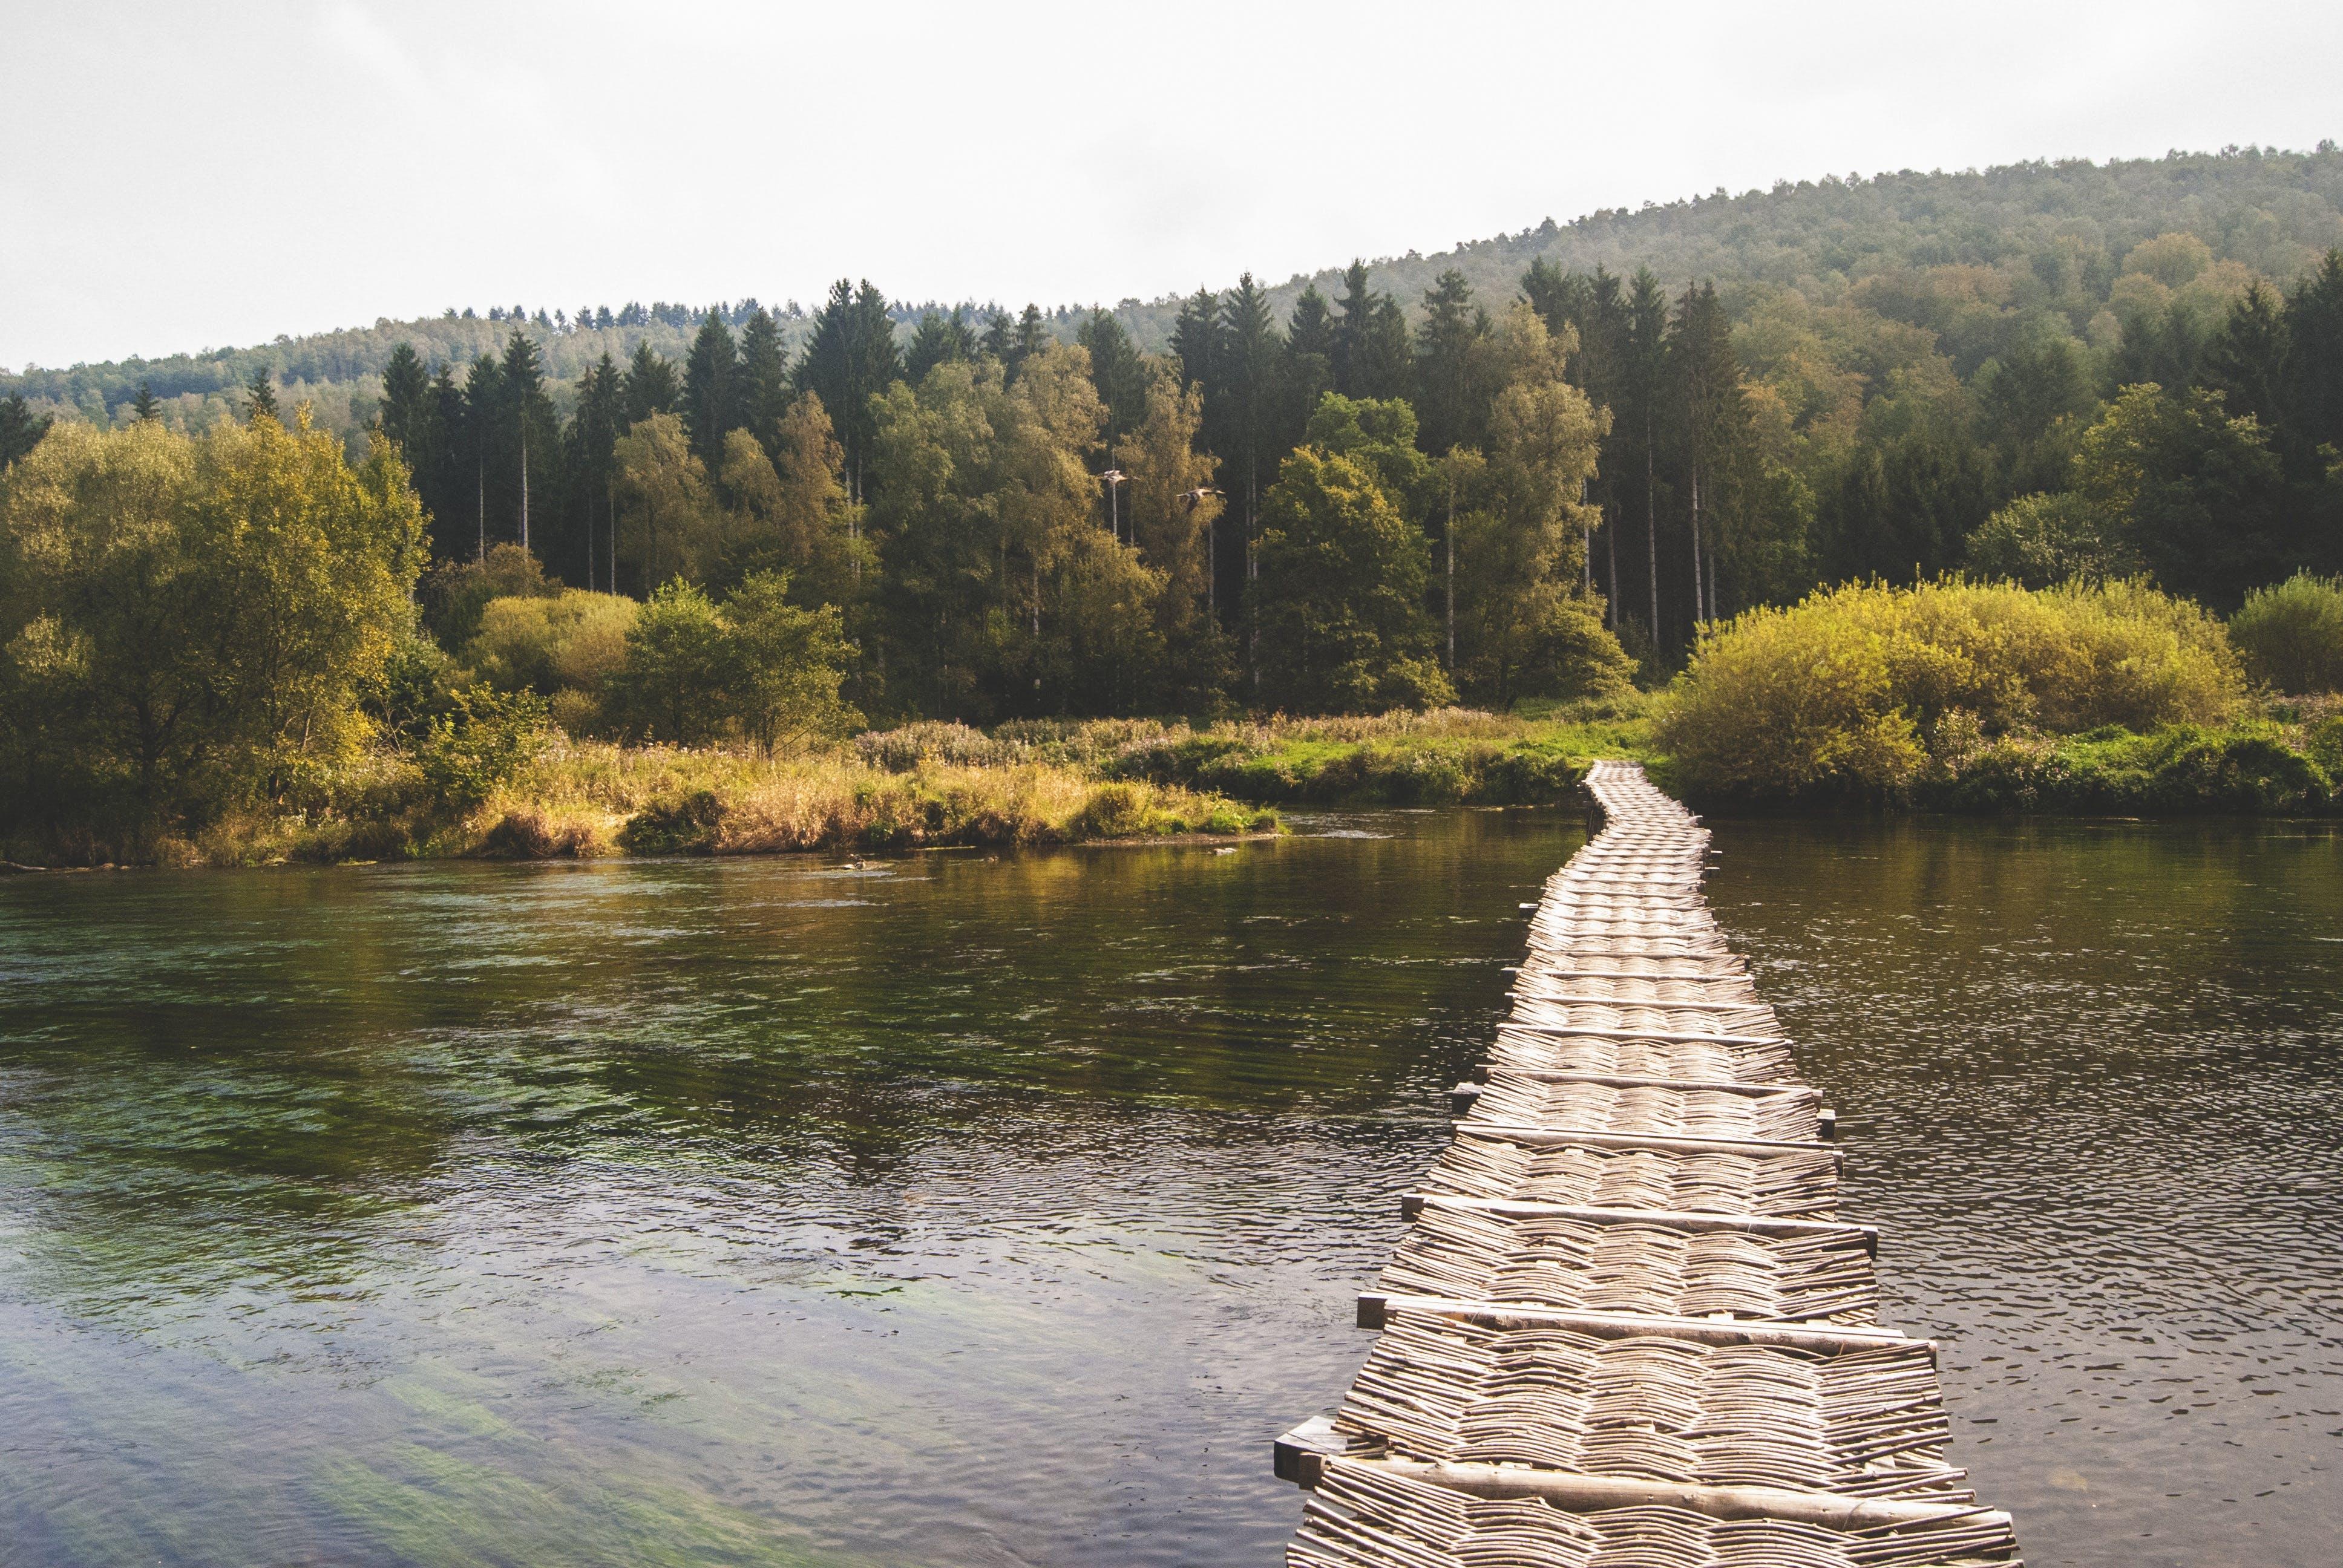 ブリッジ, 小径, 木, 森の中の無料の写真素材